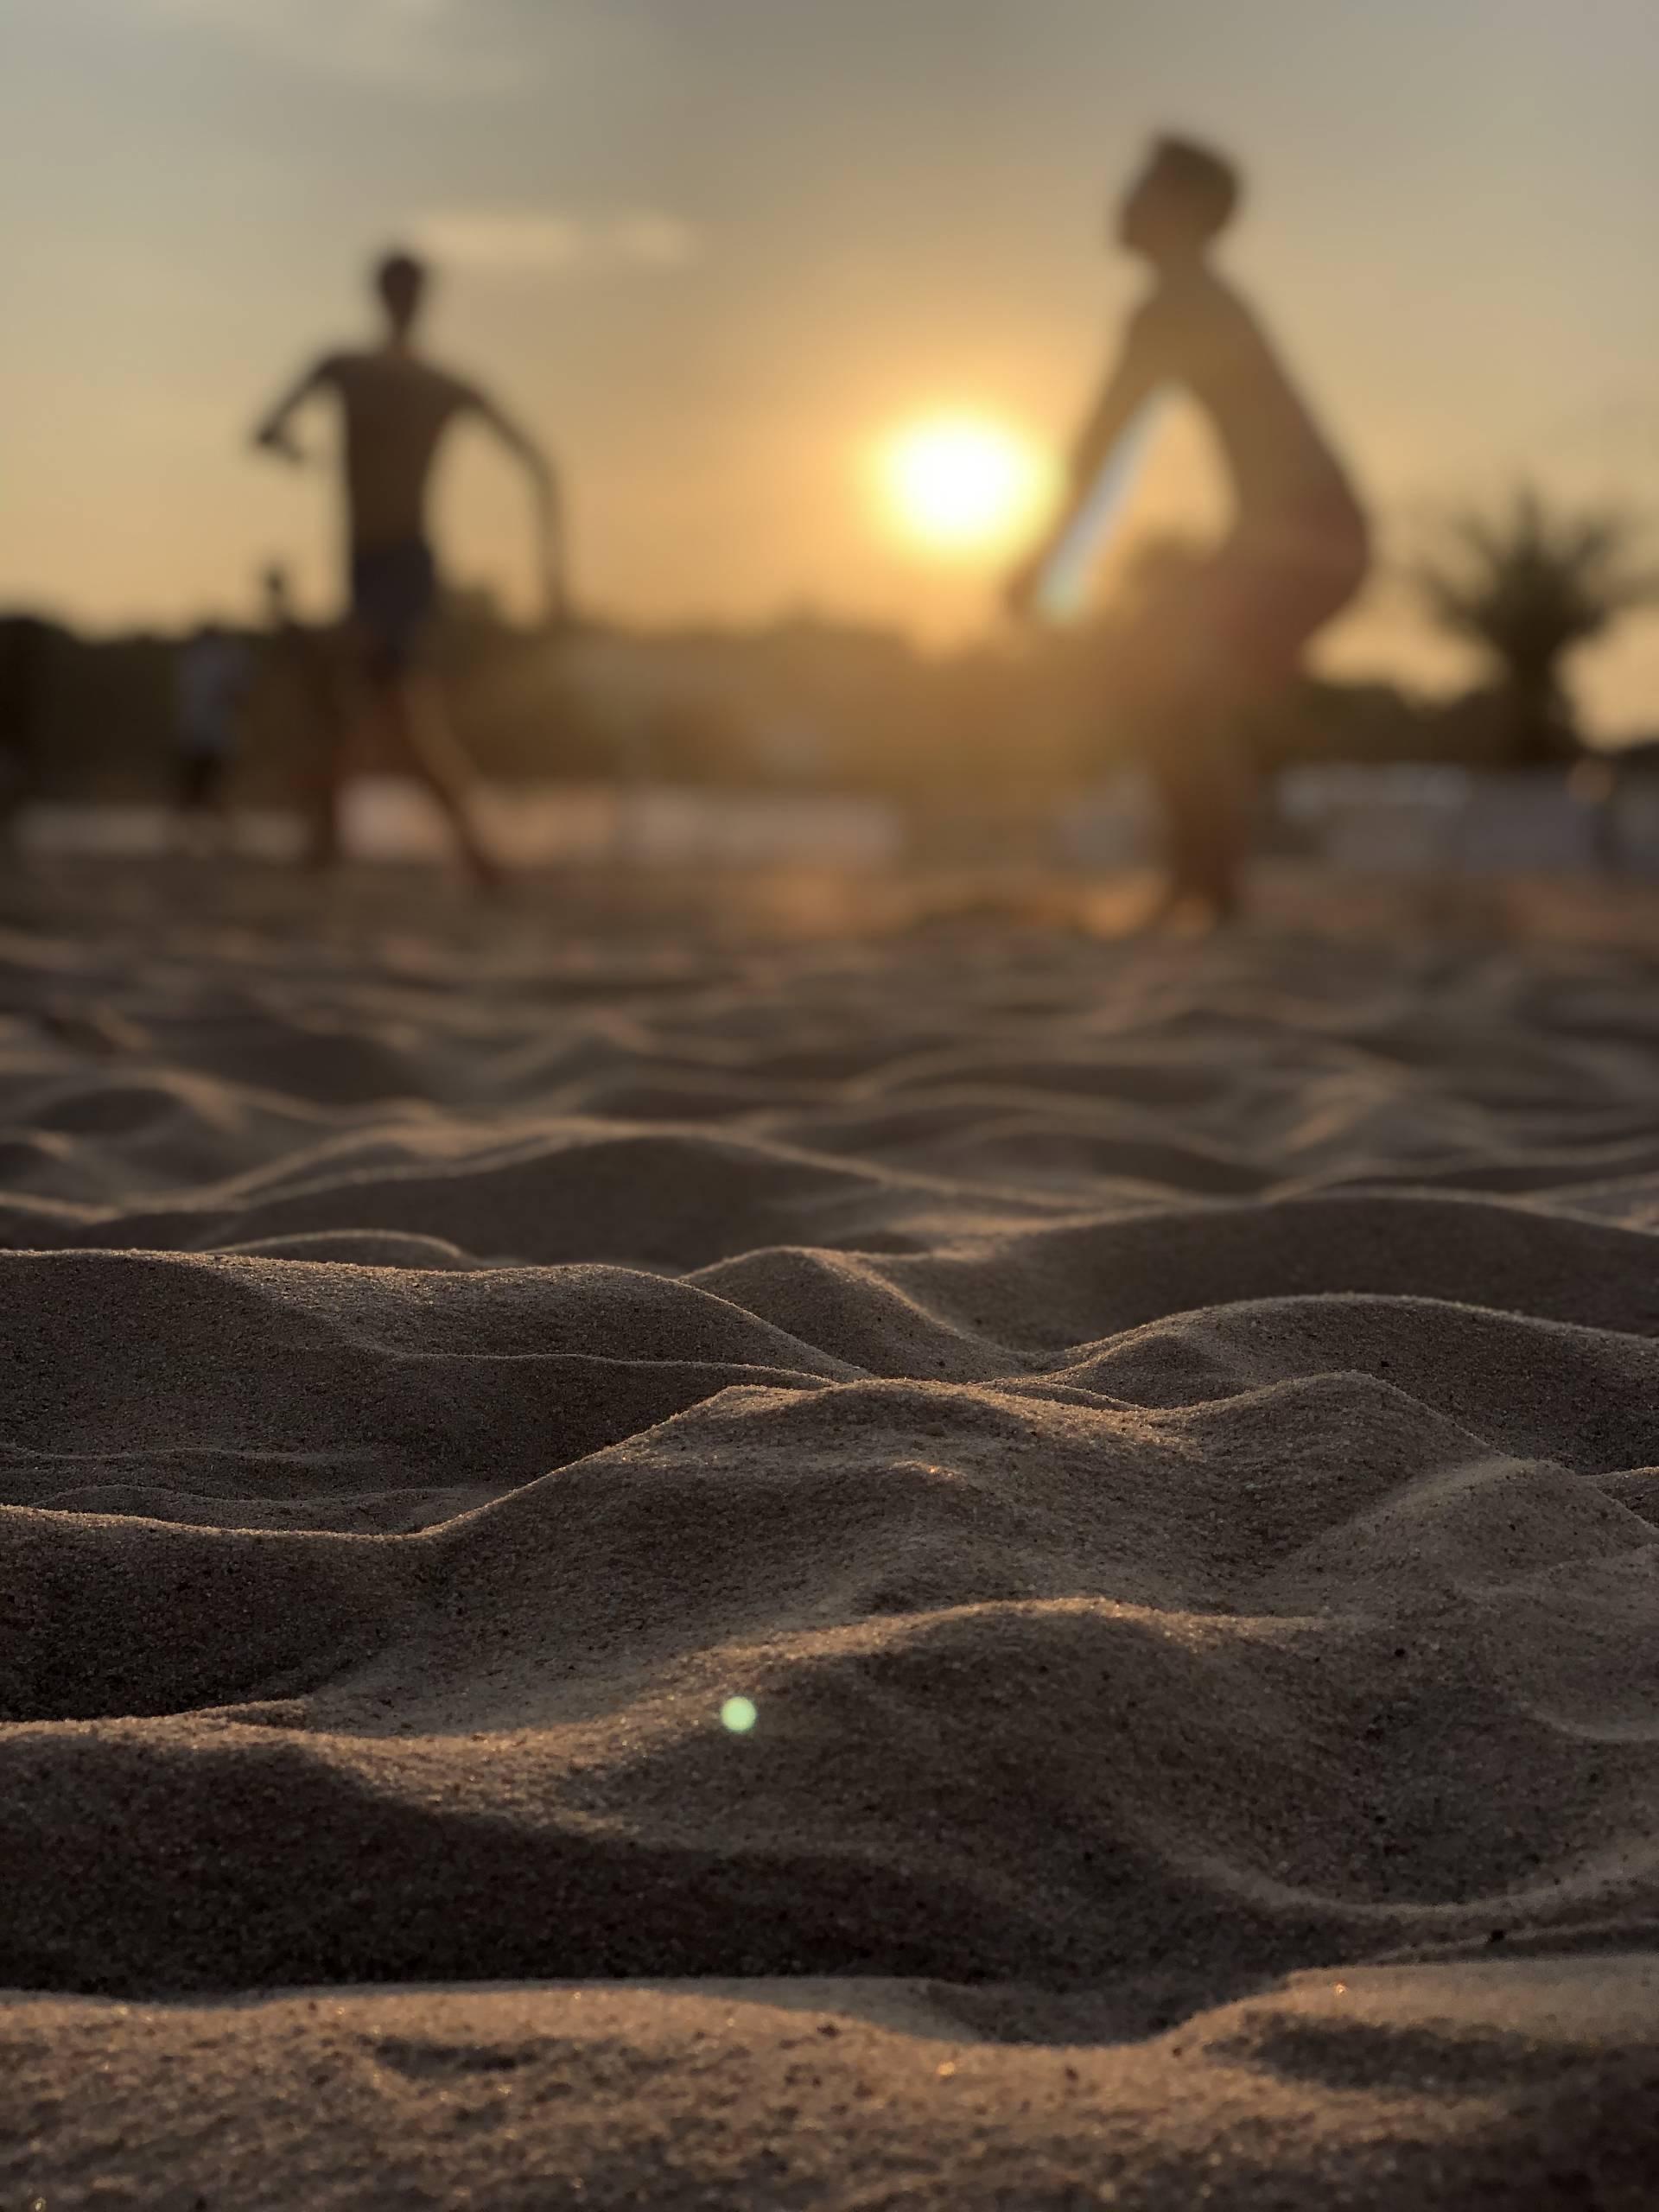 Beachv0olleballer beim Aufschlag auf dem Beachvolleballplatz von Beach4u auf der Theresienwiese